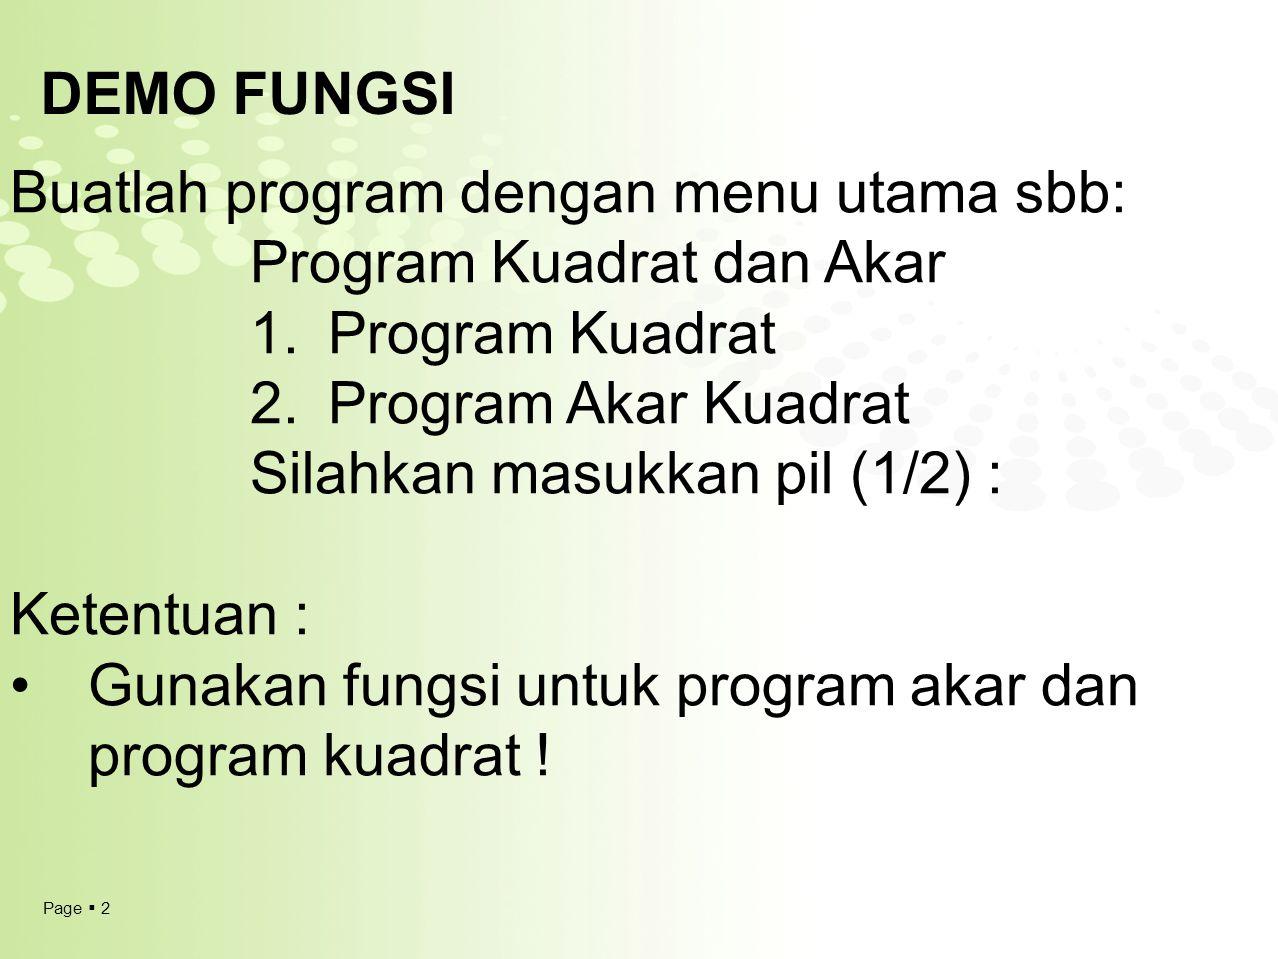 Page  3 DEMO FUNGSI Buatlah program dengan menu utama sbb: Program Kuadrat dan Akar 1.Program Kuadrat 2.Program Akar Kuadrat Silahkan masukkan pil (1/2) : Ketentuan : Gunakan fungsi untuk program akar dan program kuadrat .